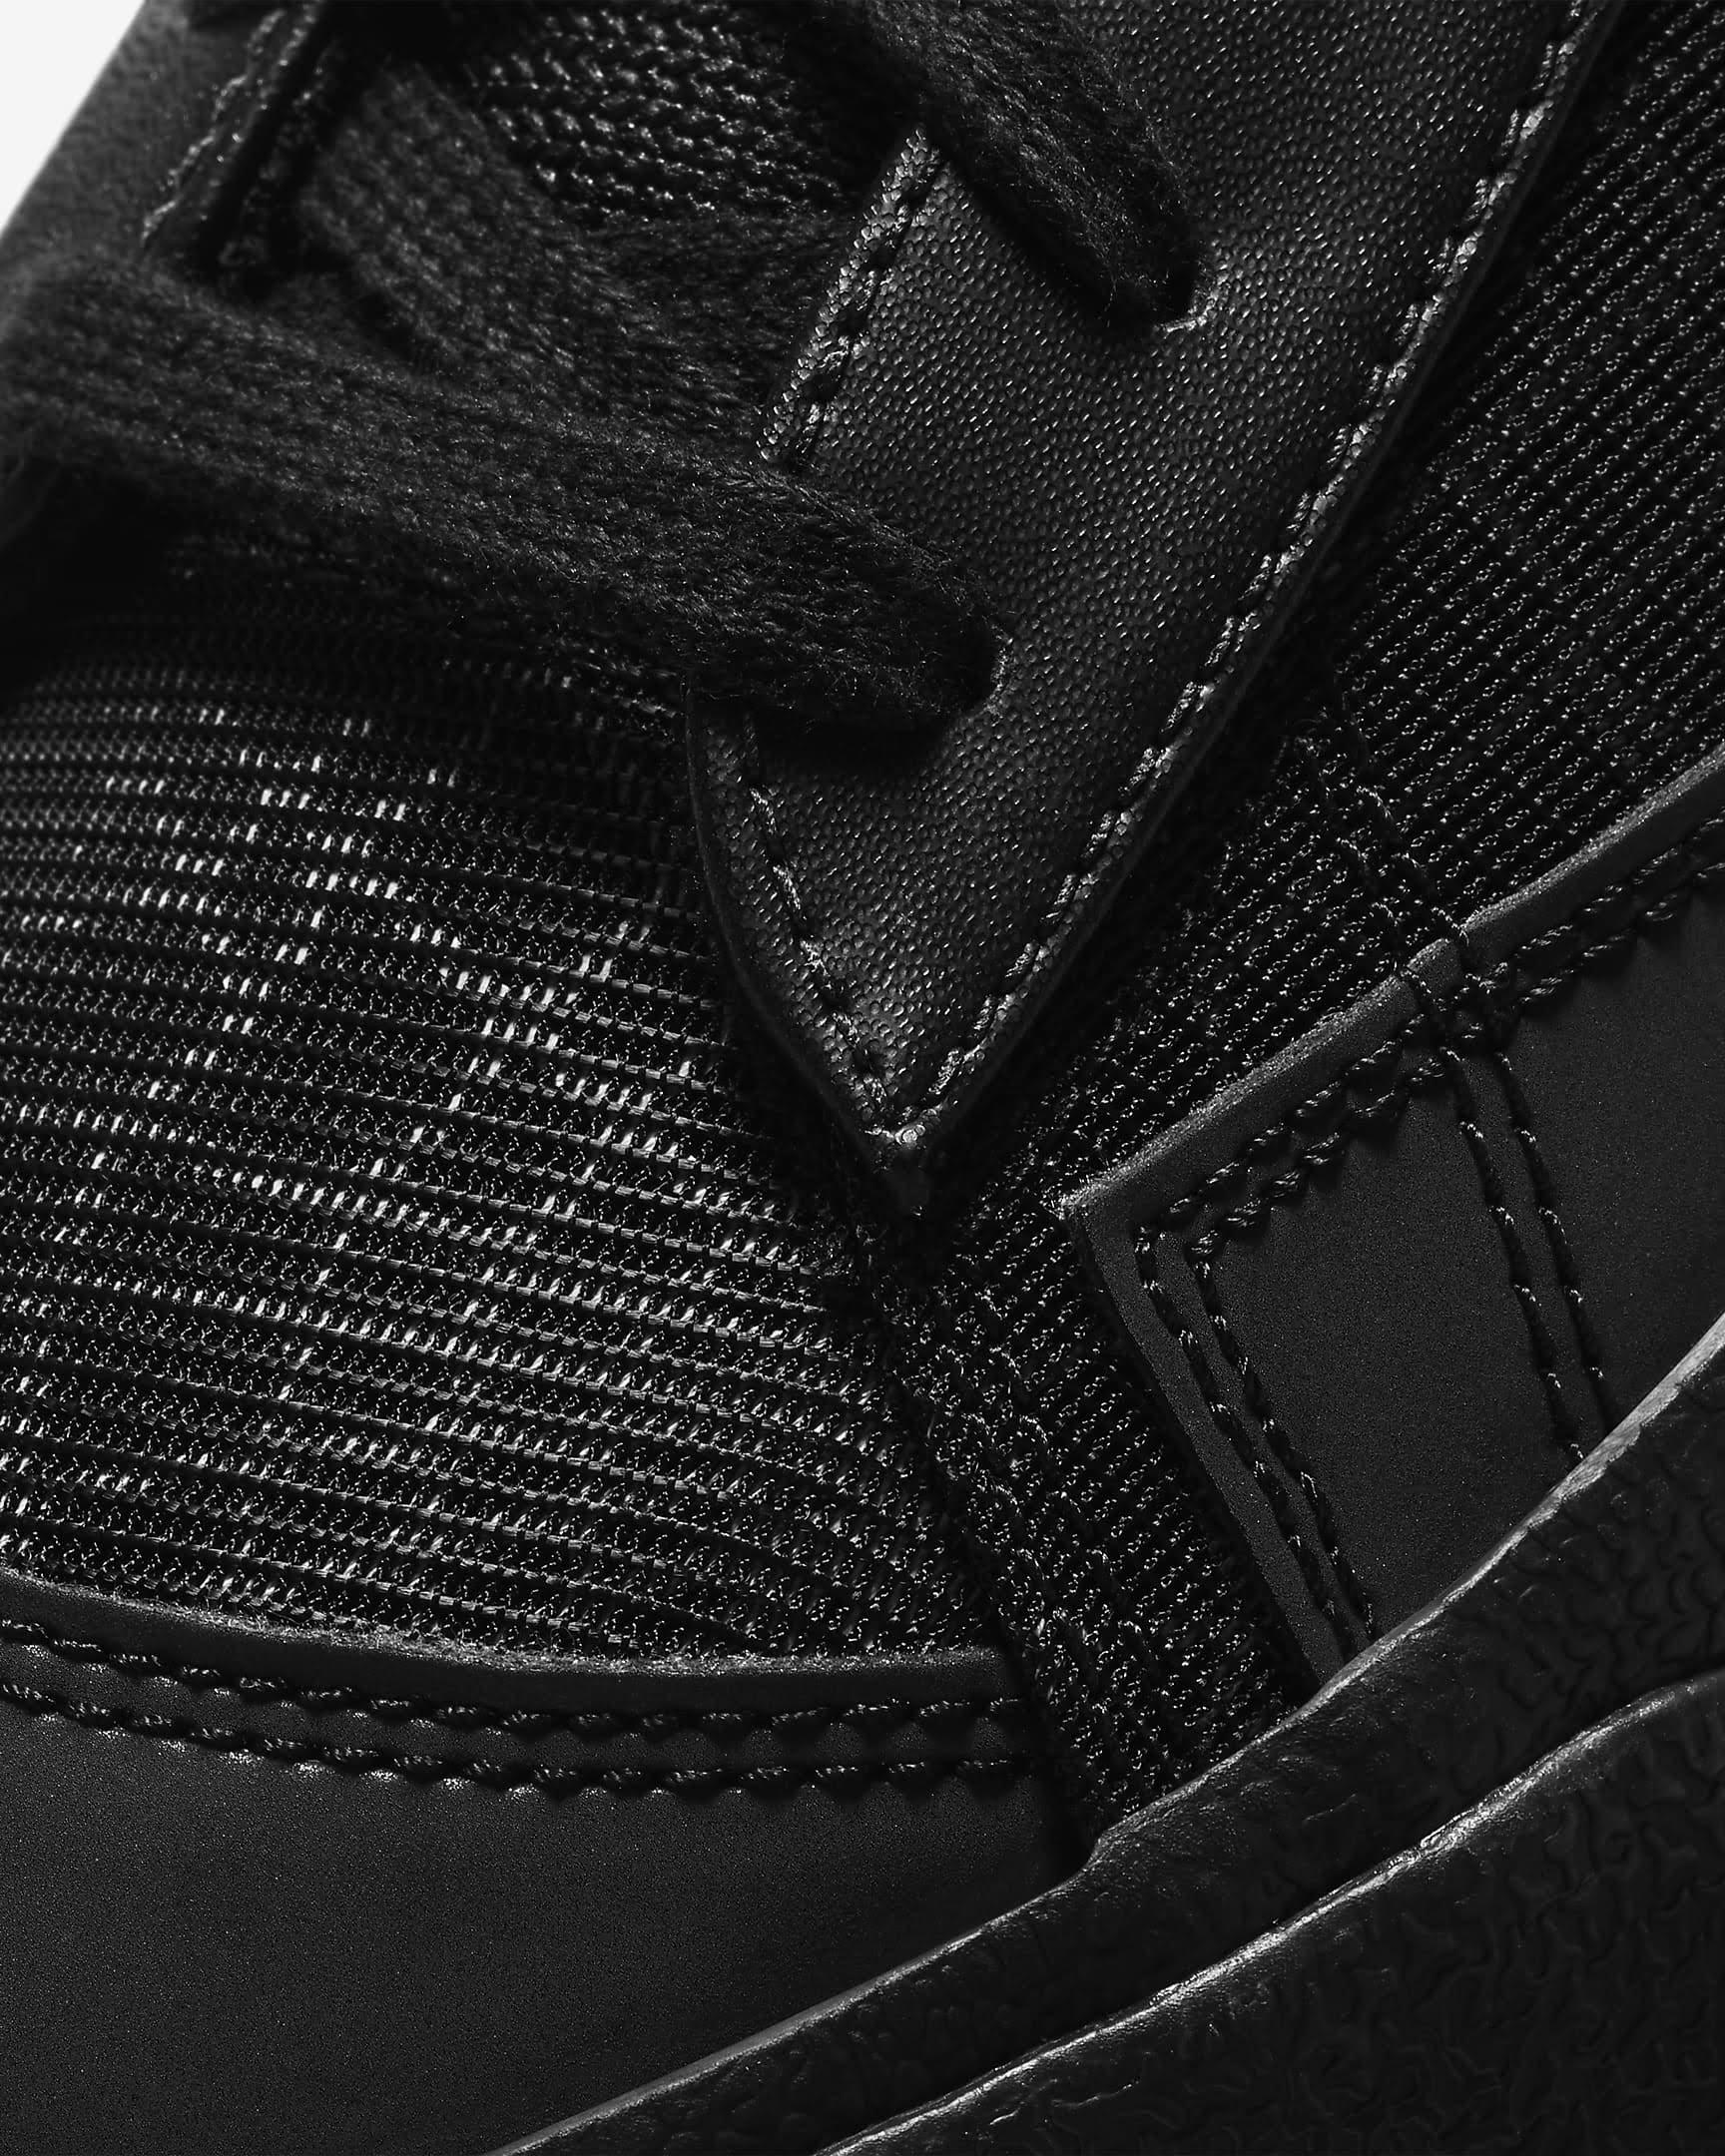 ナイキ ブレーザー ミッド スパイダー ウェブ Nike-Blazer-Mid-spider-Web-detail